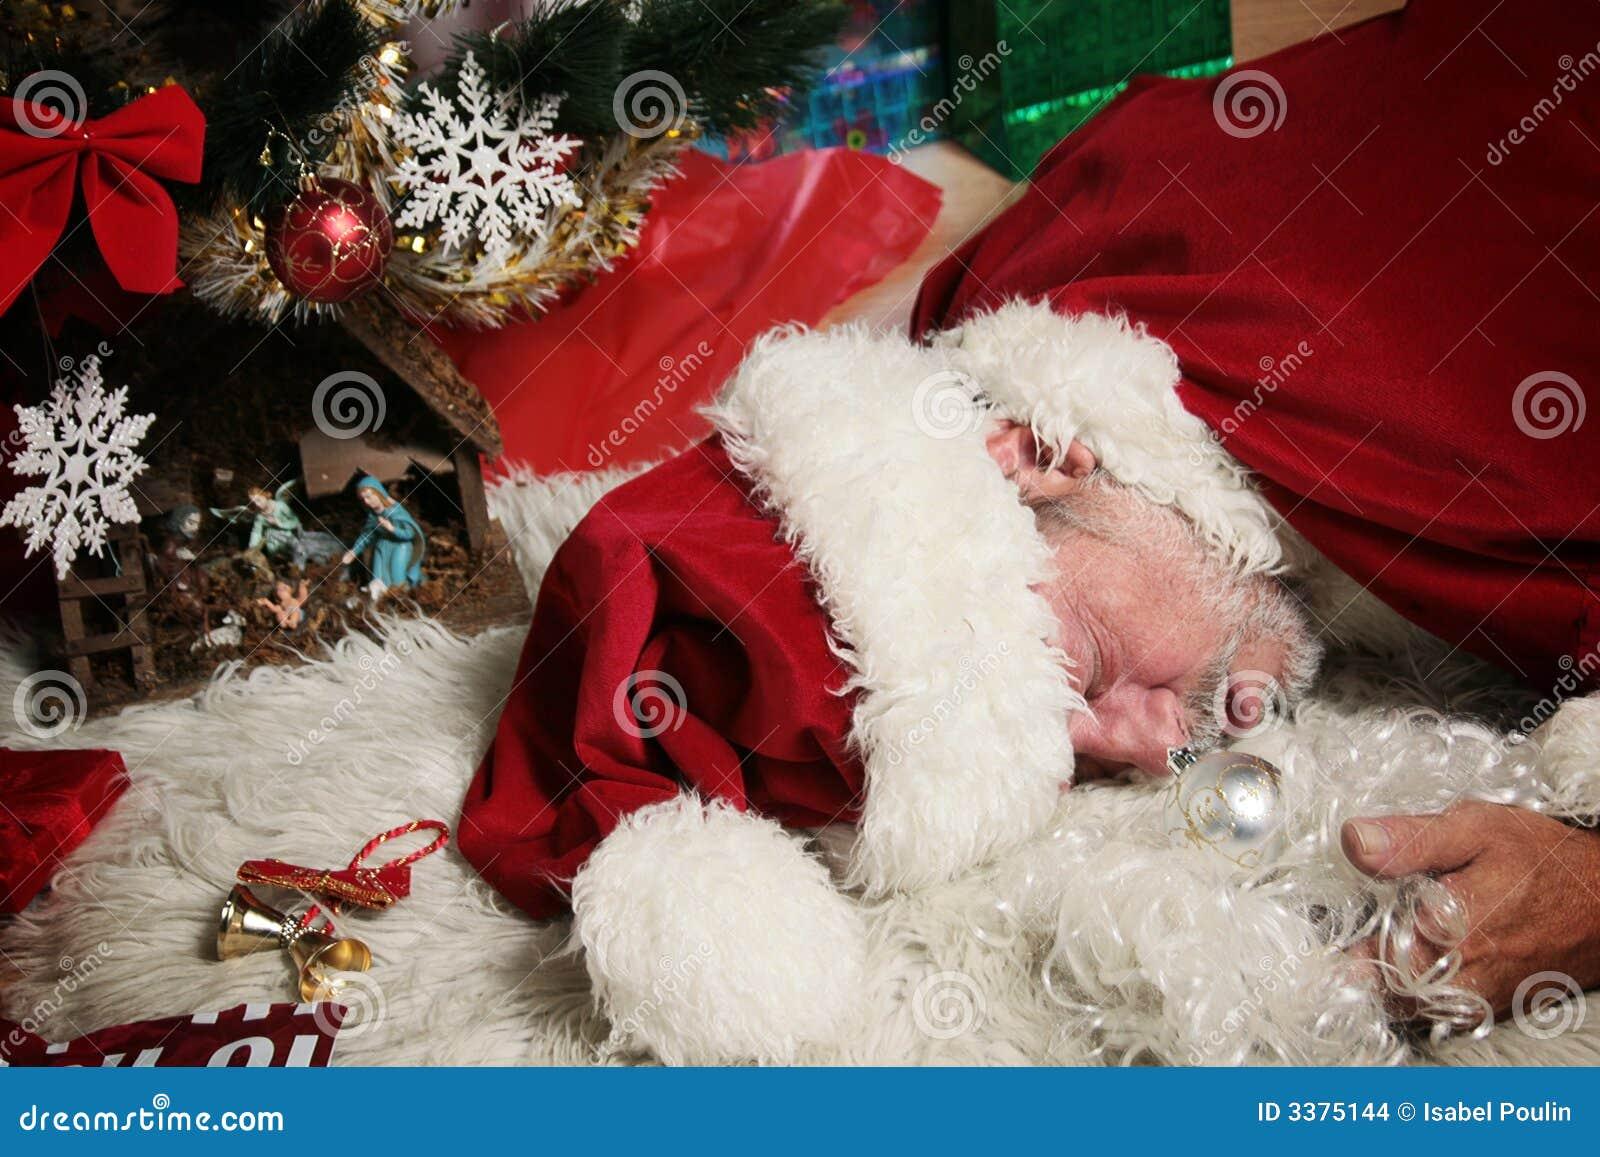 weihnachtsmann betrunken